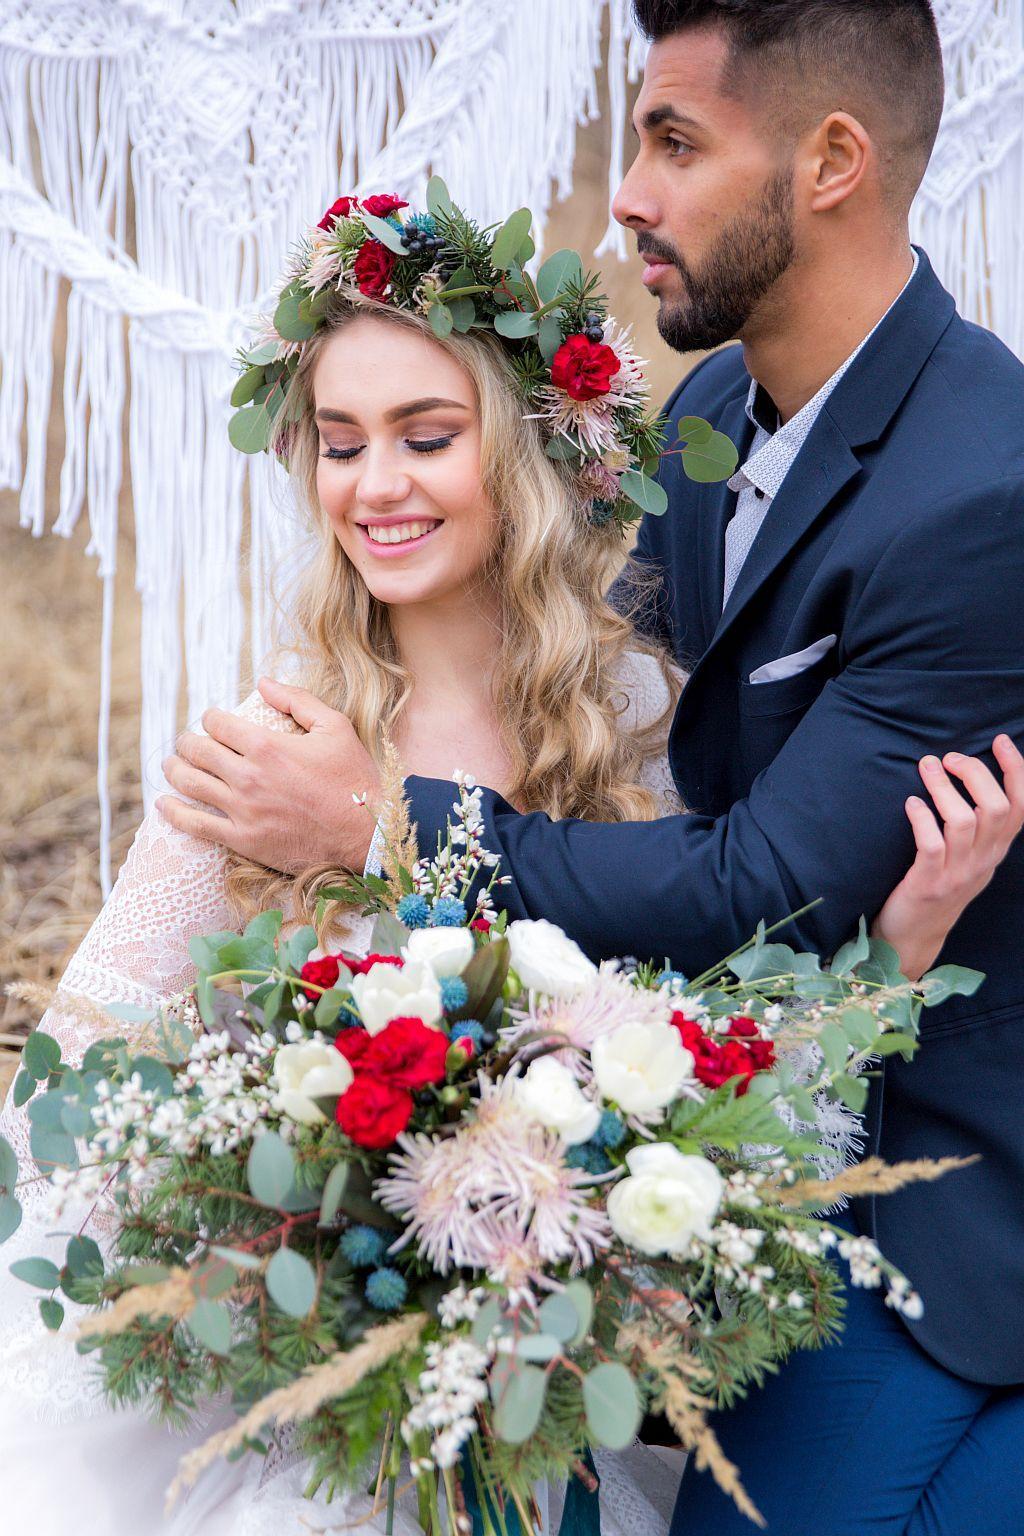 Svatební boho, ležérní, střapatá - Květiny z Rozkvetlé dílny. Foto: Simona Velkoborská Photography